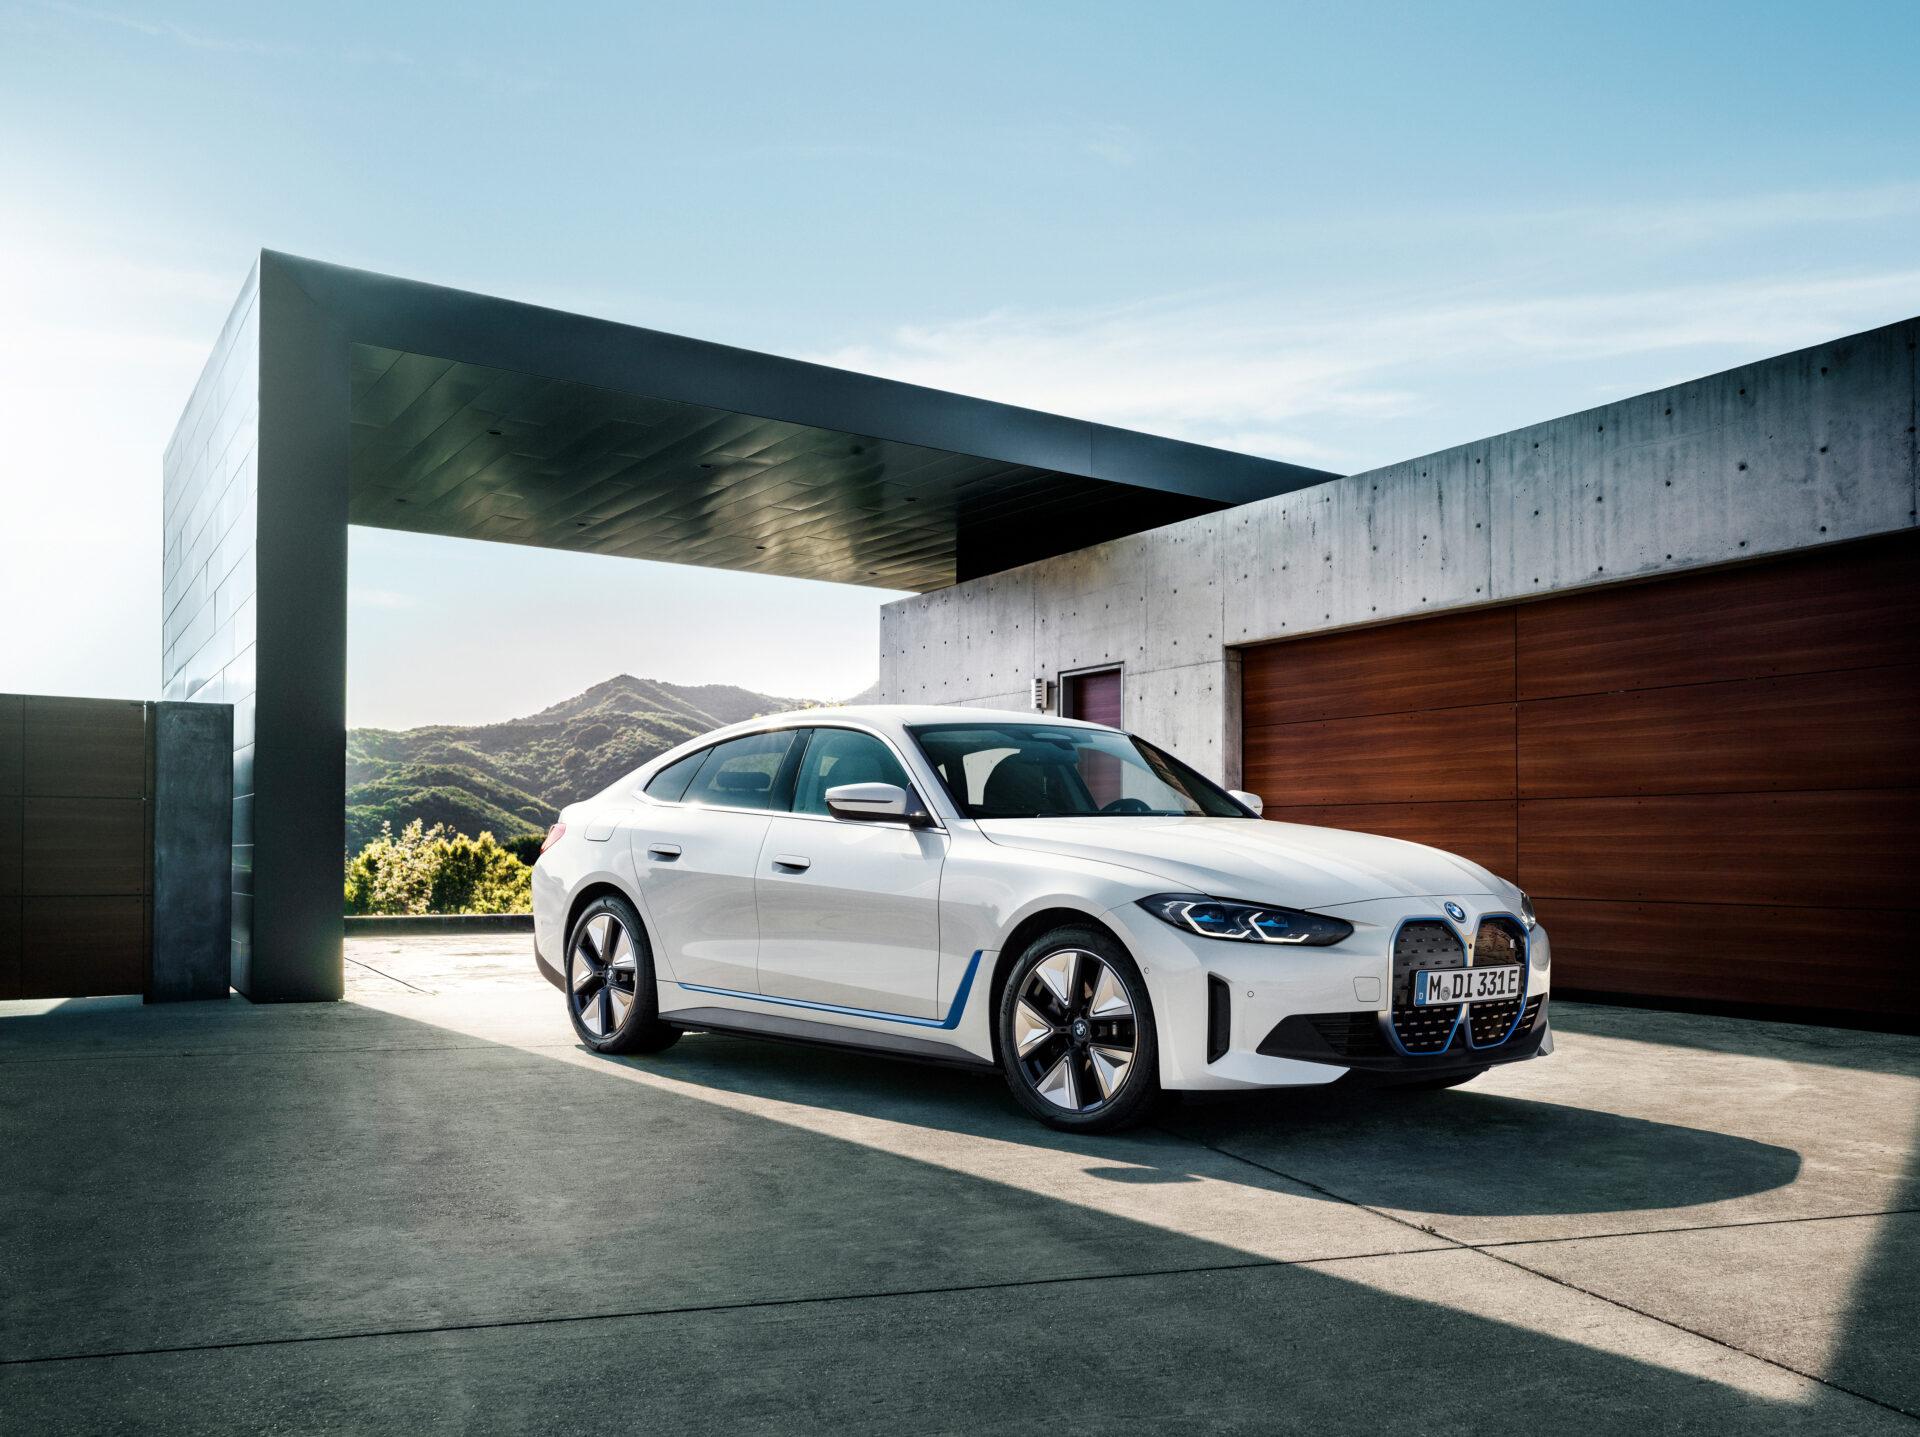 El nuevo BMW i4 2021 desvelado, ¿cómo es la berlina eléctrica que asusta al Tesla Model 3?